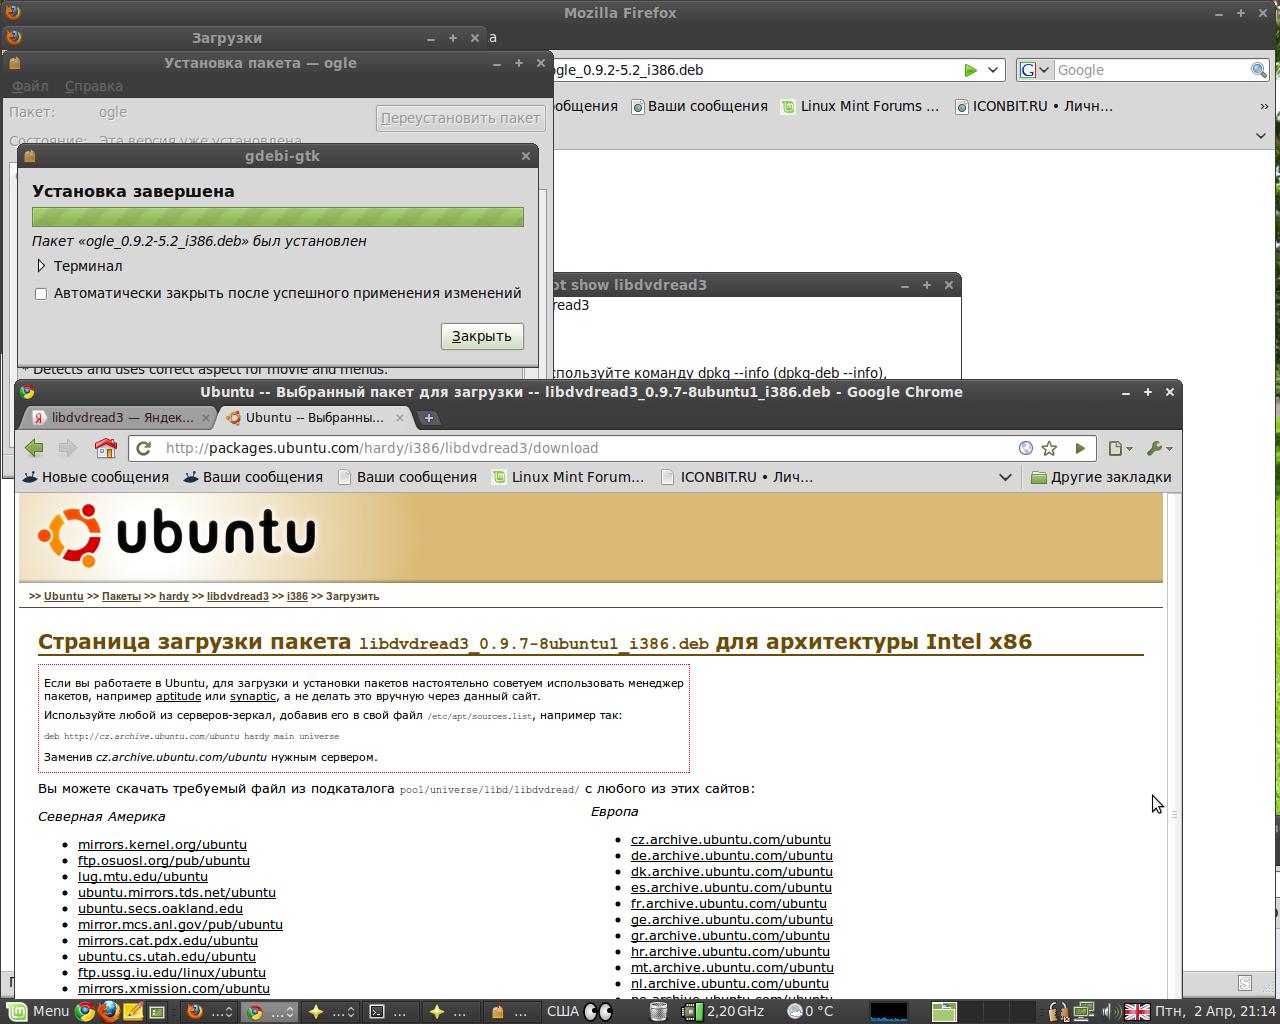 Установка Ubuntu Linux: инструкция для пользователя Windows 37